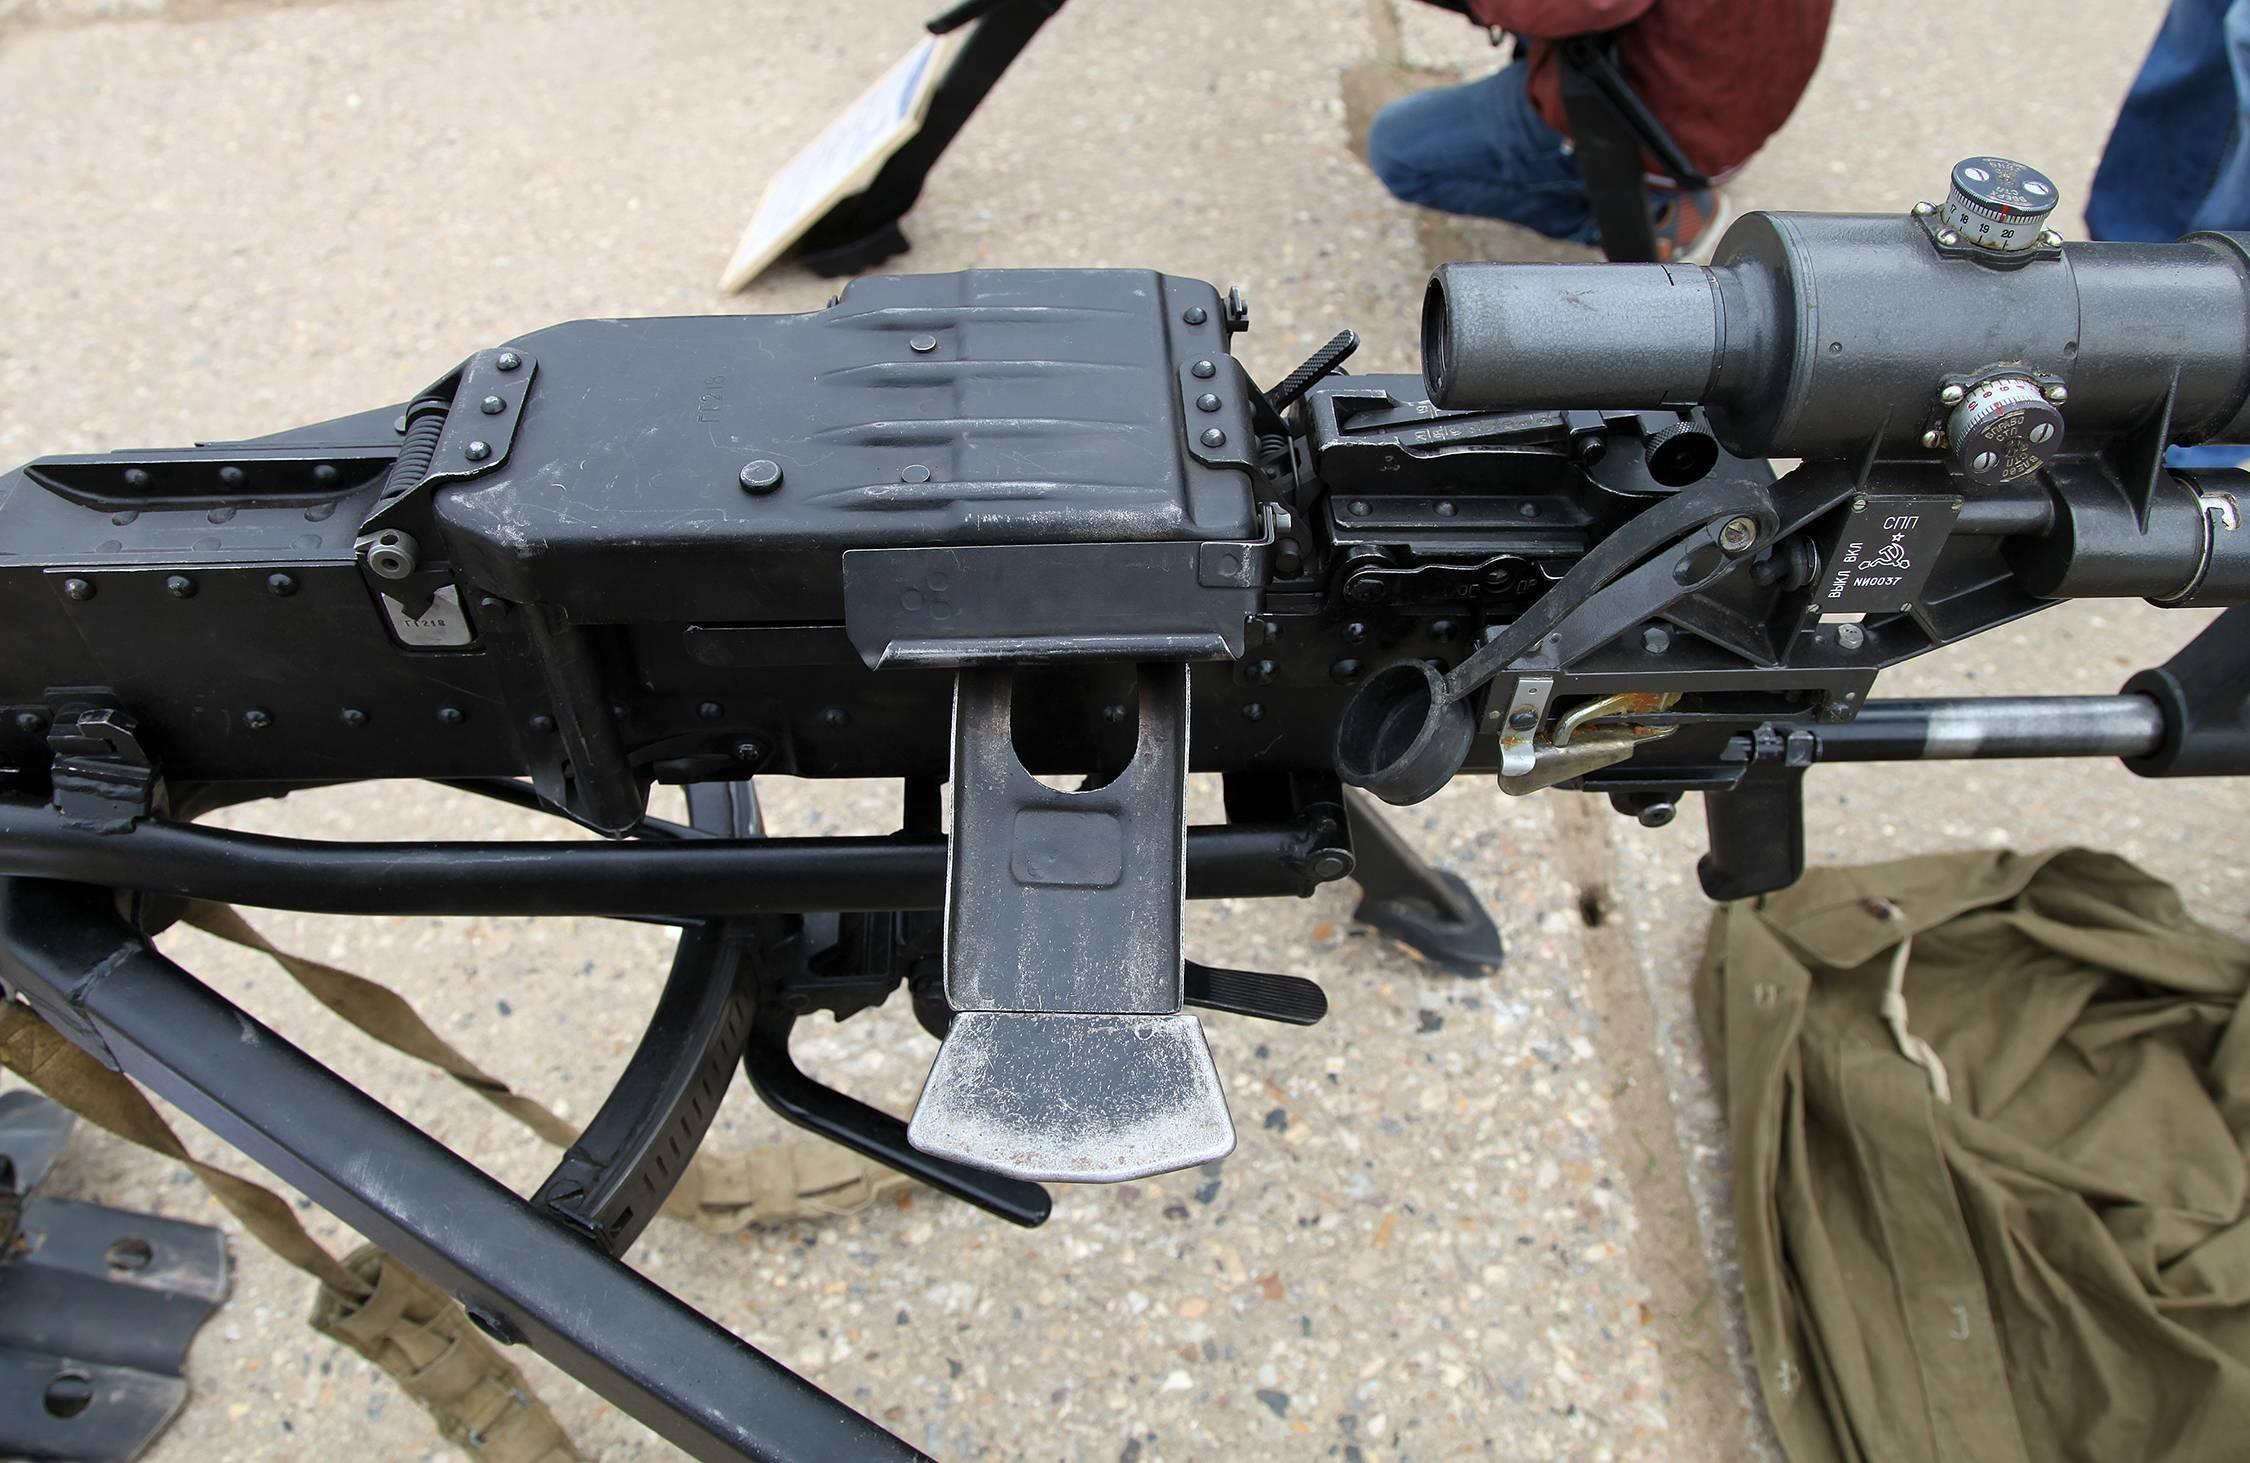 Крупнокалиберный пулемет корд патрон калибр 12,7 мм